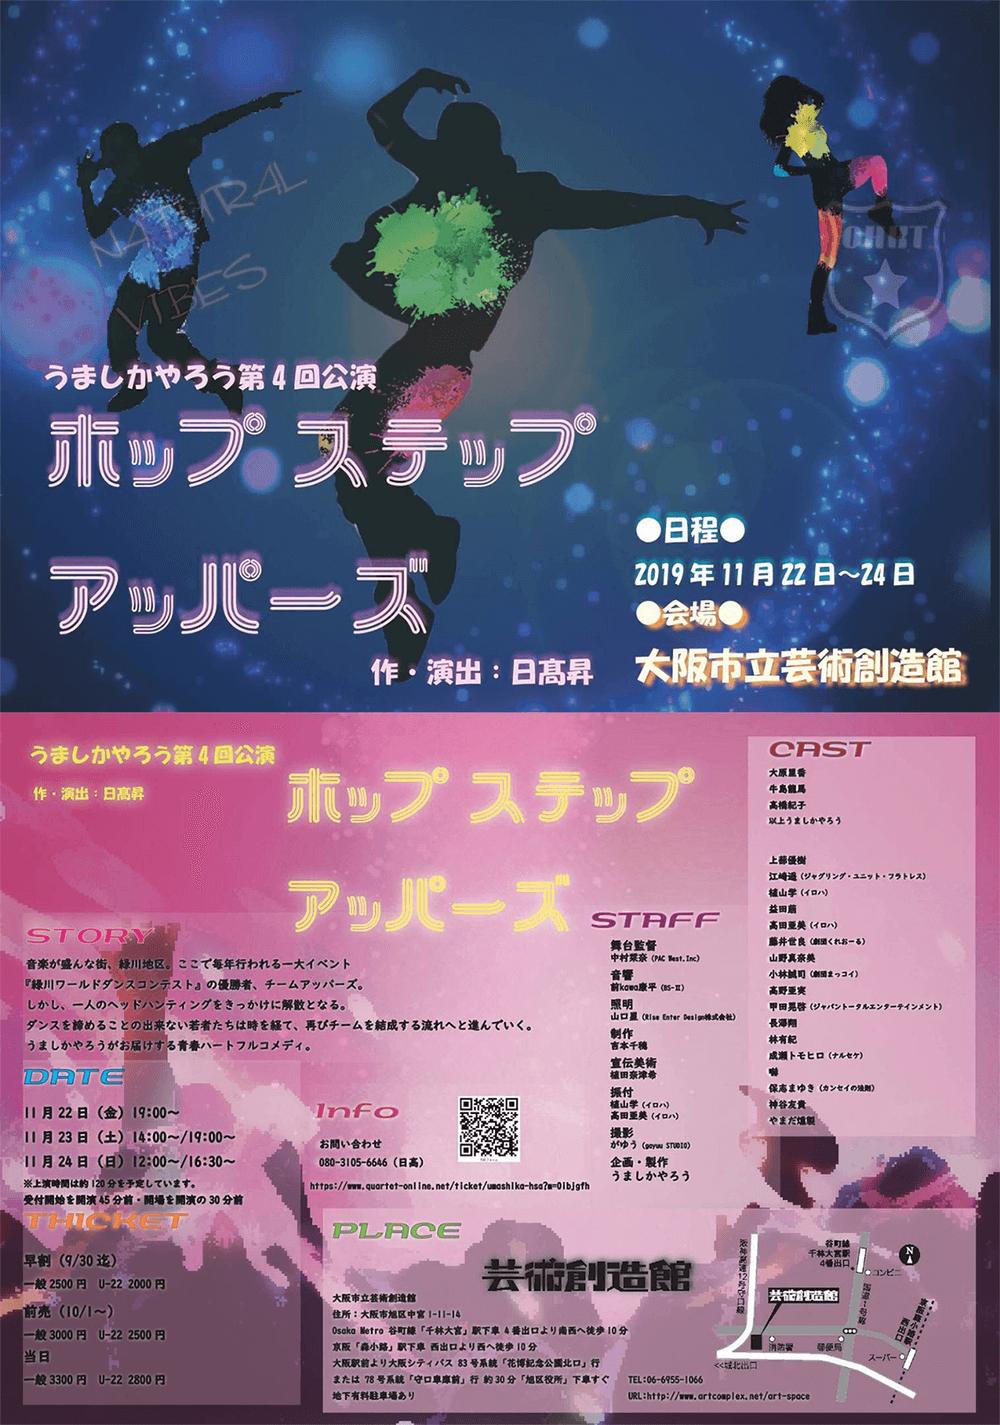 【出演情報】うましかやろう第4回公演『ホップ ステップ アッパーズ』に甲田晃啓が出演します